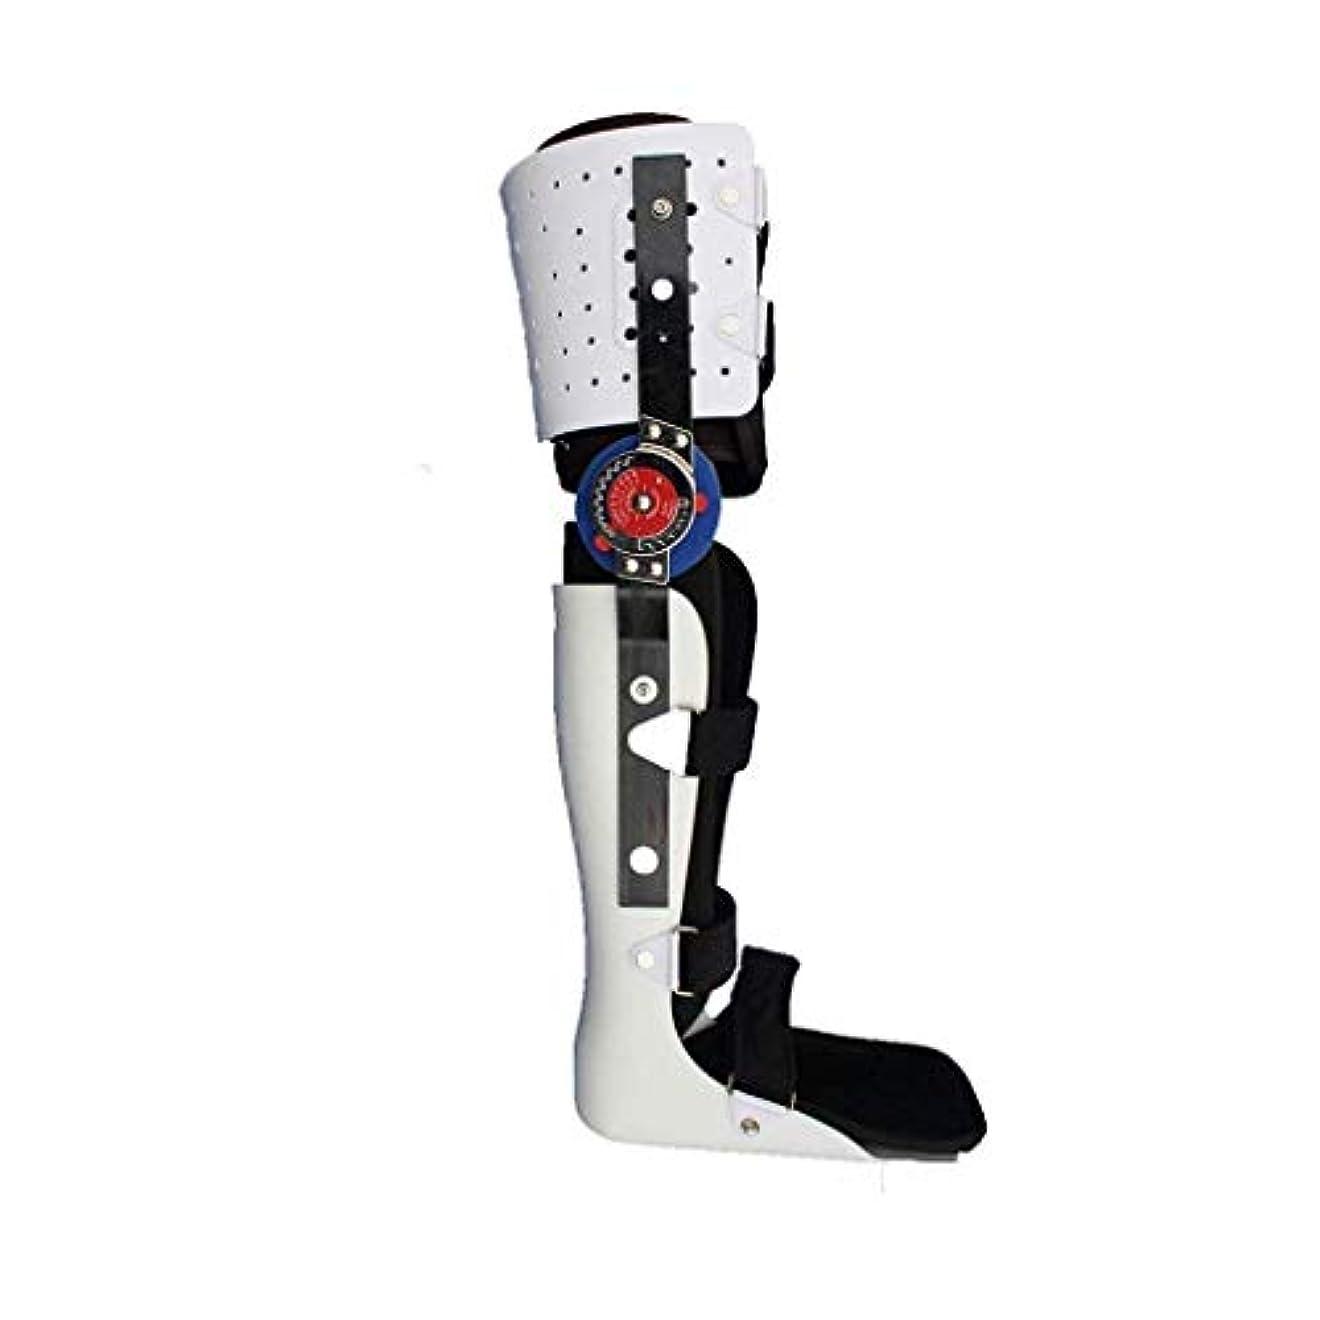 振り子クルー差別的下肢装具、ブレースウォーキング膝や足固定ブレース膝関節足首足Spportと下肢装具のサイズ(S/M/L) (Size : L)